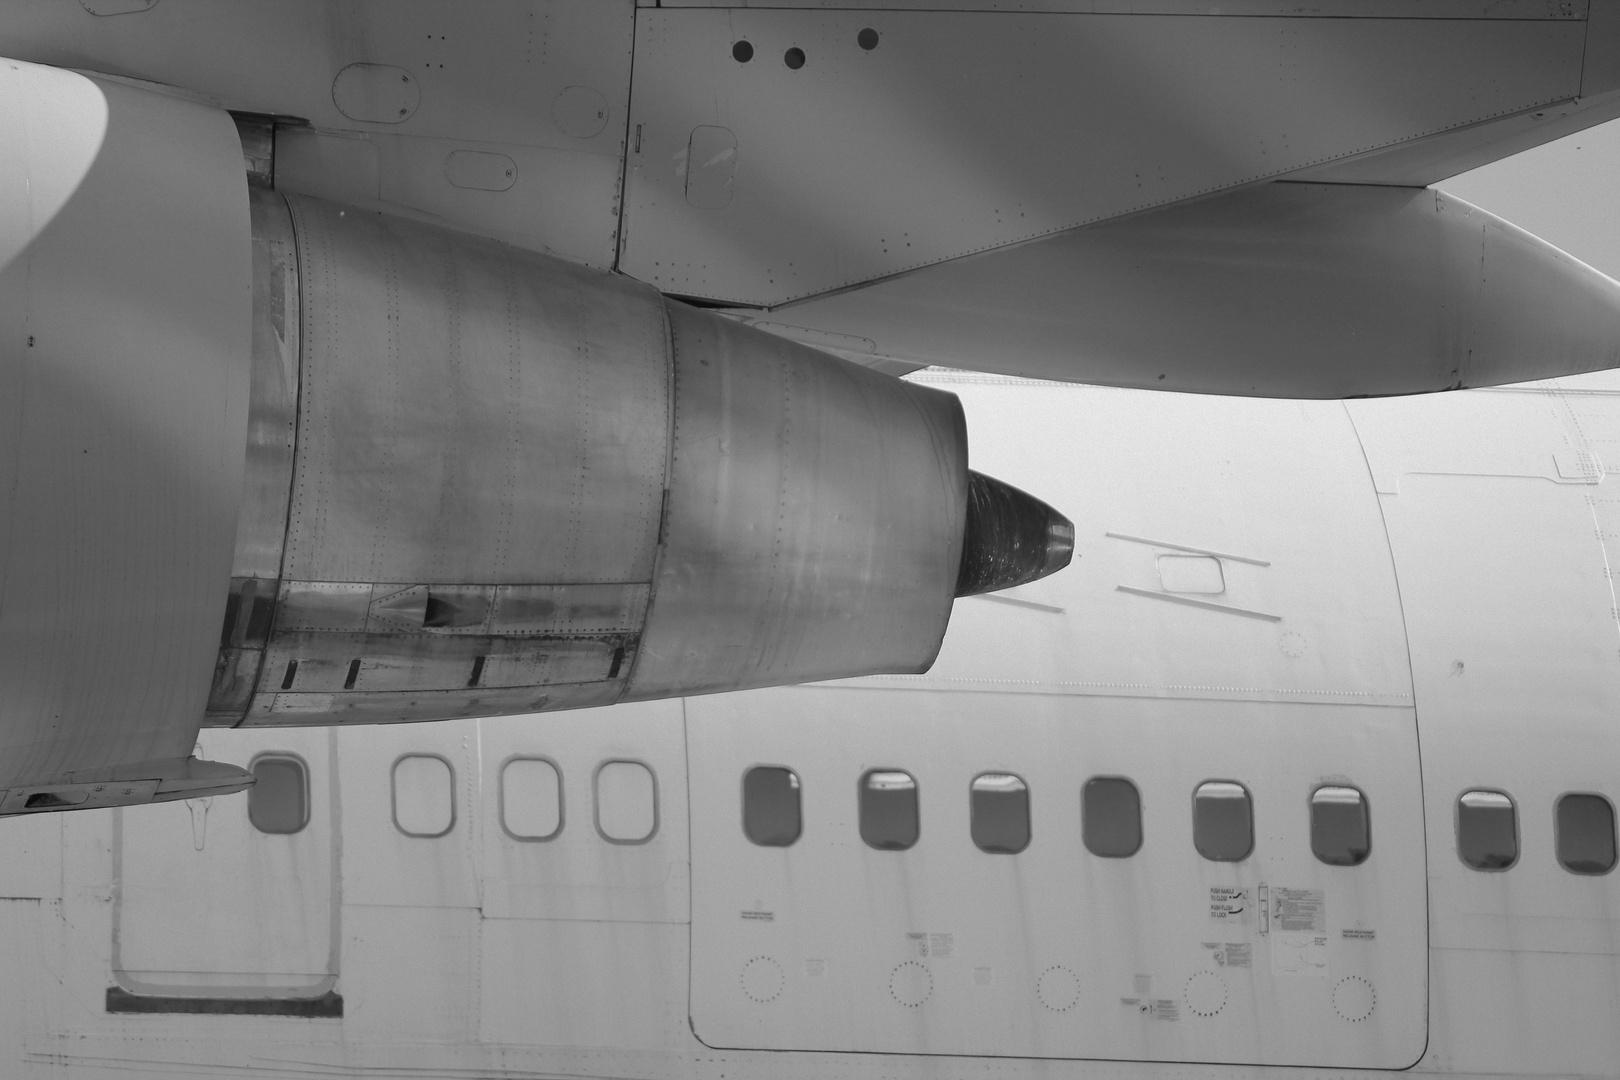 Flugkraft